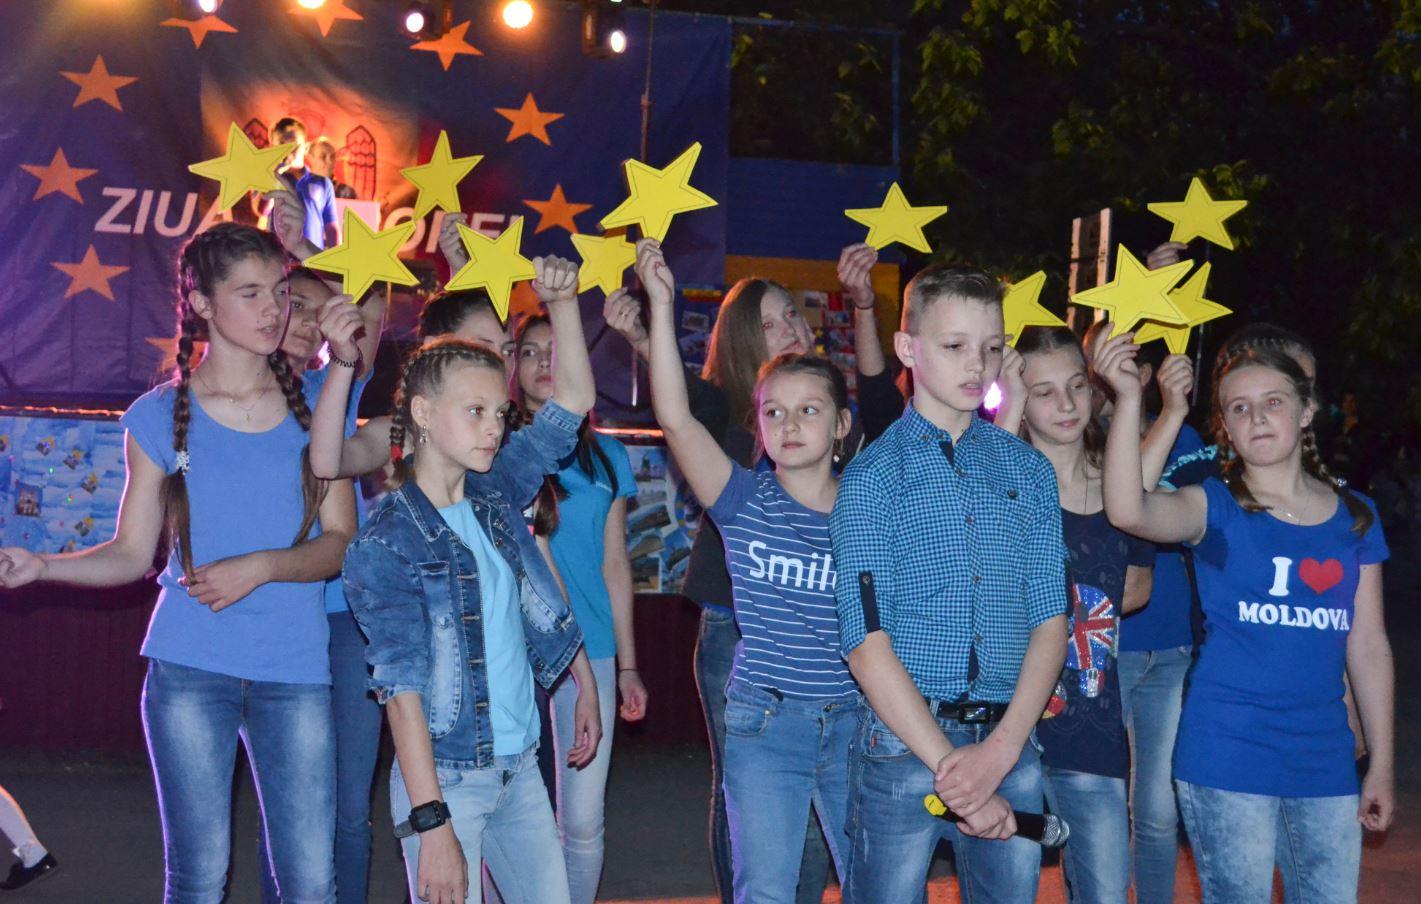 Gimnaziul nr. 2 prezintă numărul lor artistic dedicat Zilei Europei